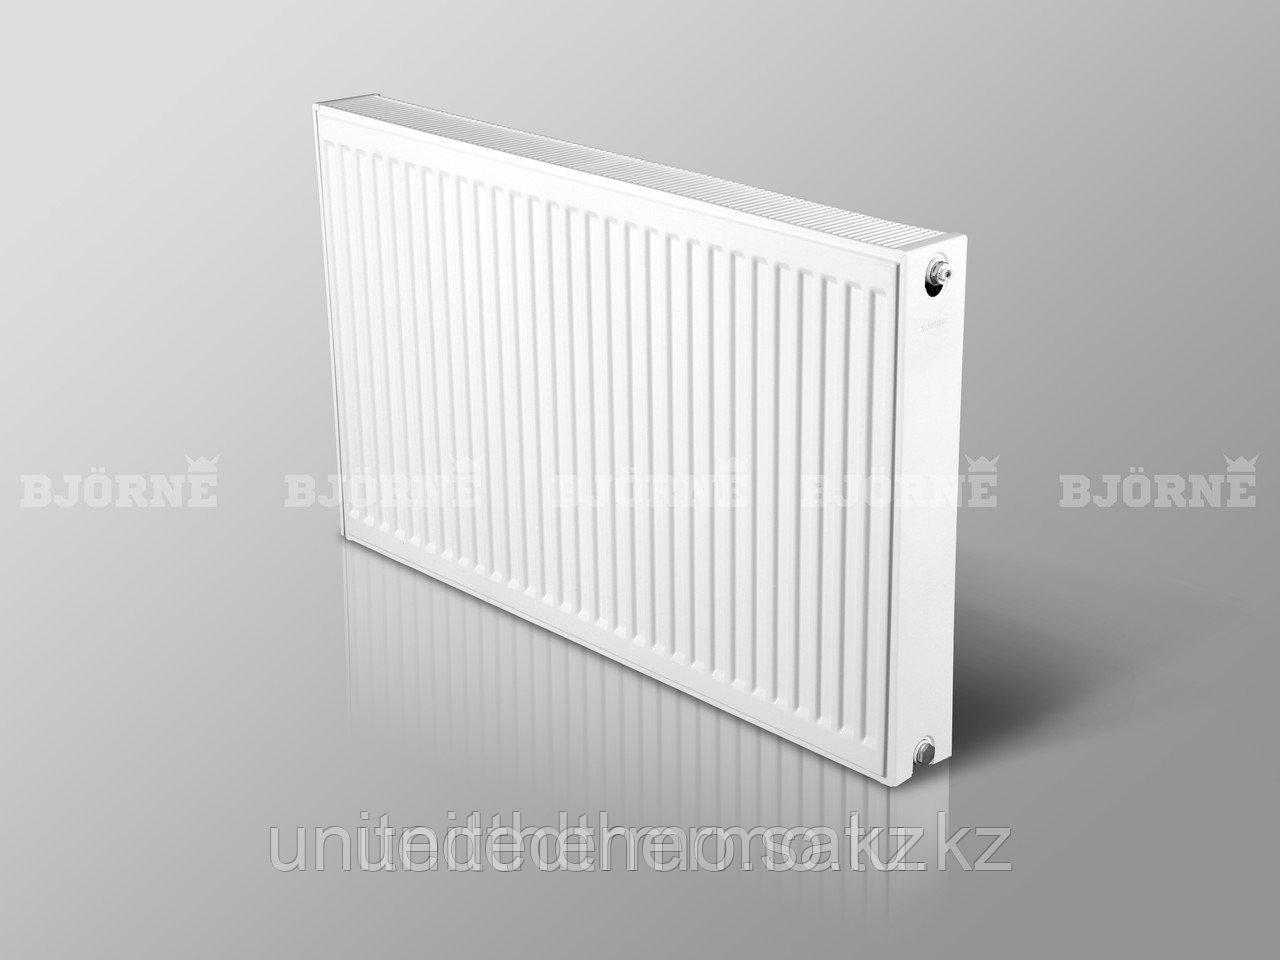 Стальной панельный радиатор Bjorne тип 22K H400мм*L400мм до L3000мм боковое подключение